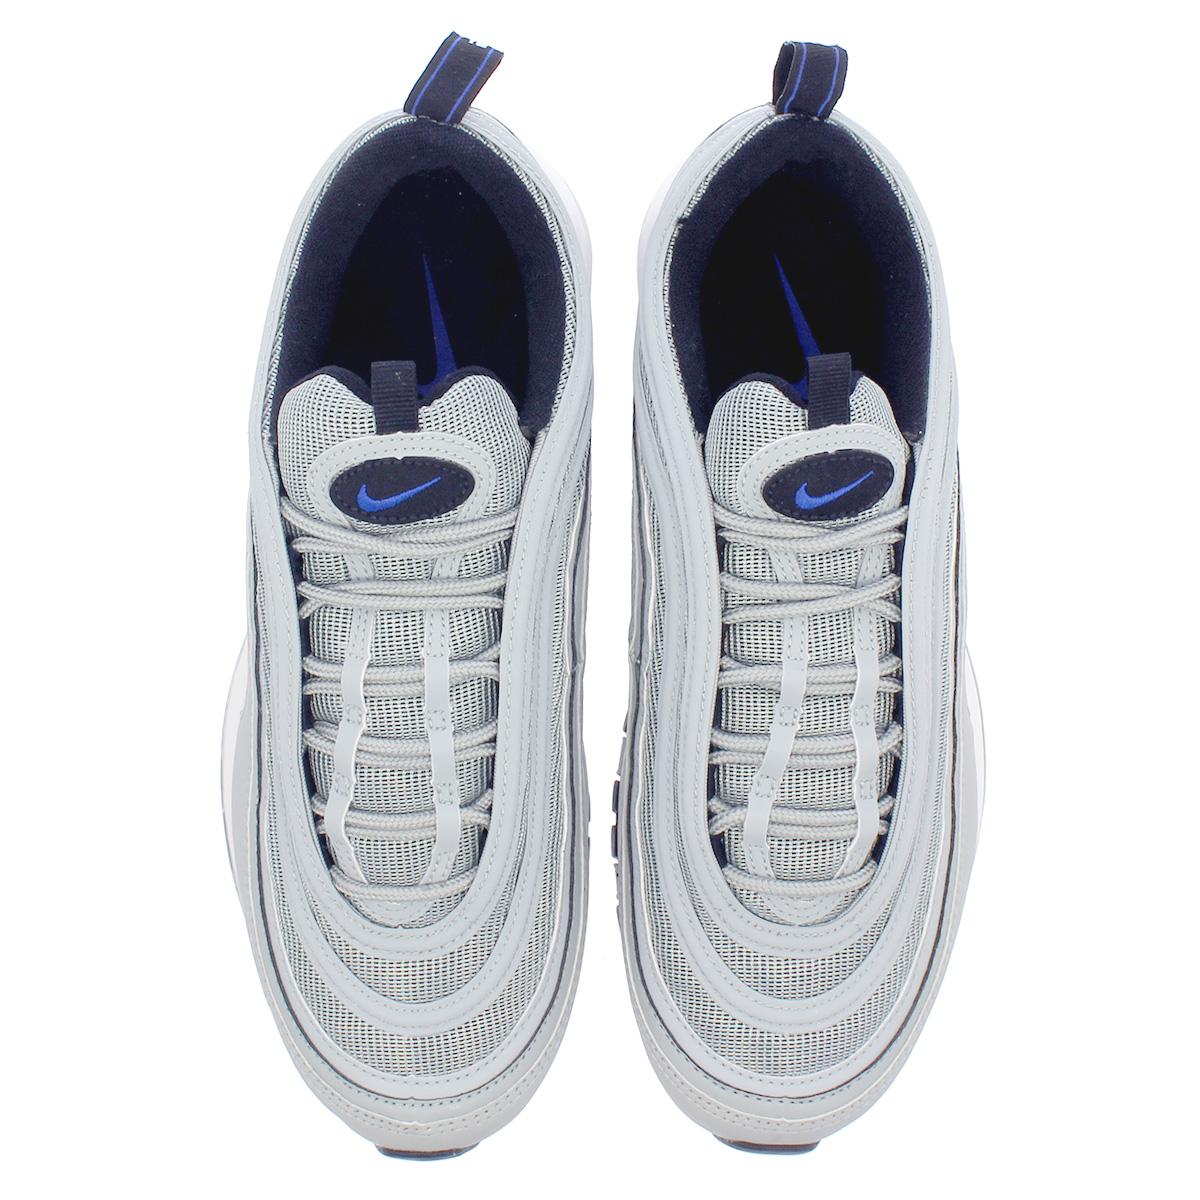 Nike Air Max 97 Silber Blau AQ7331 001